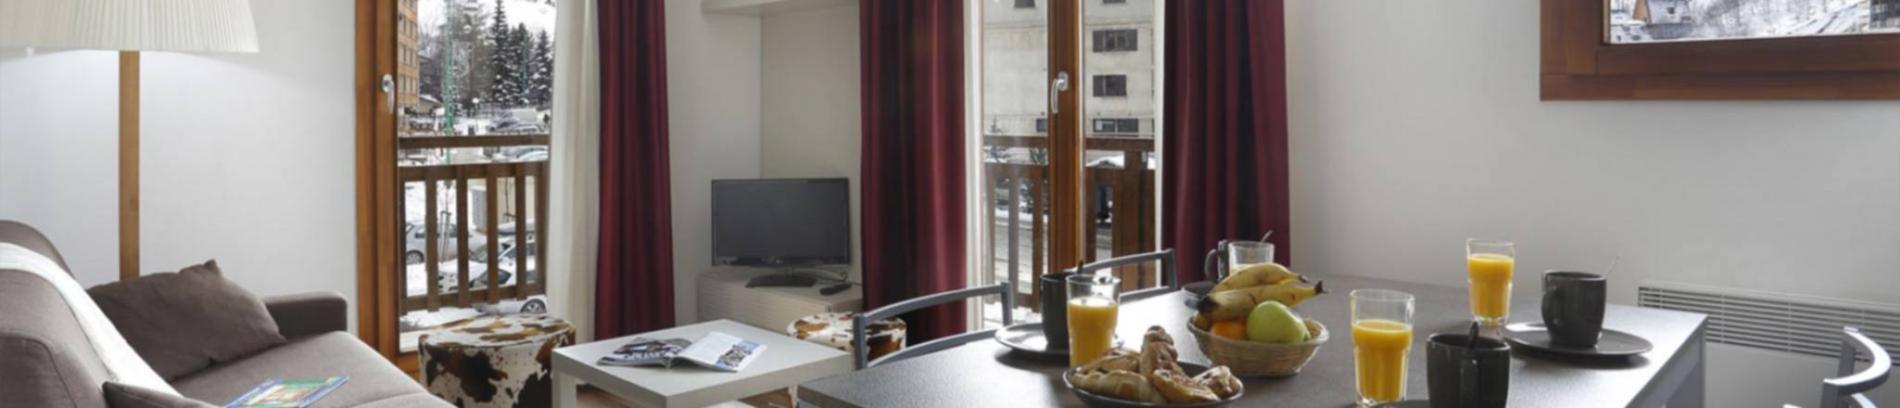 Slide des appartements confortables avec vue